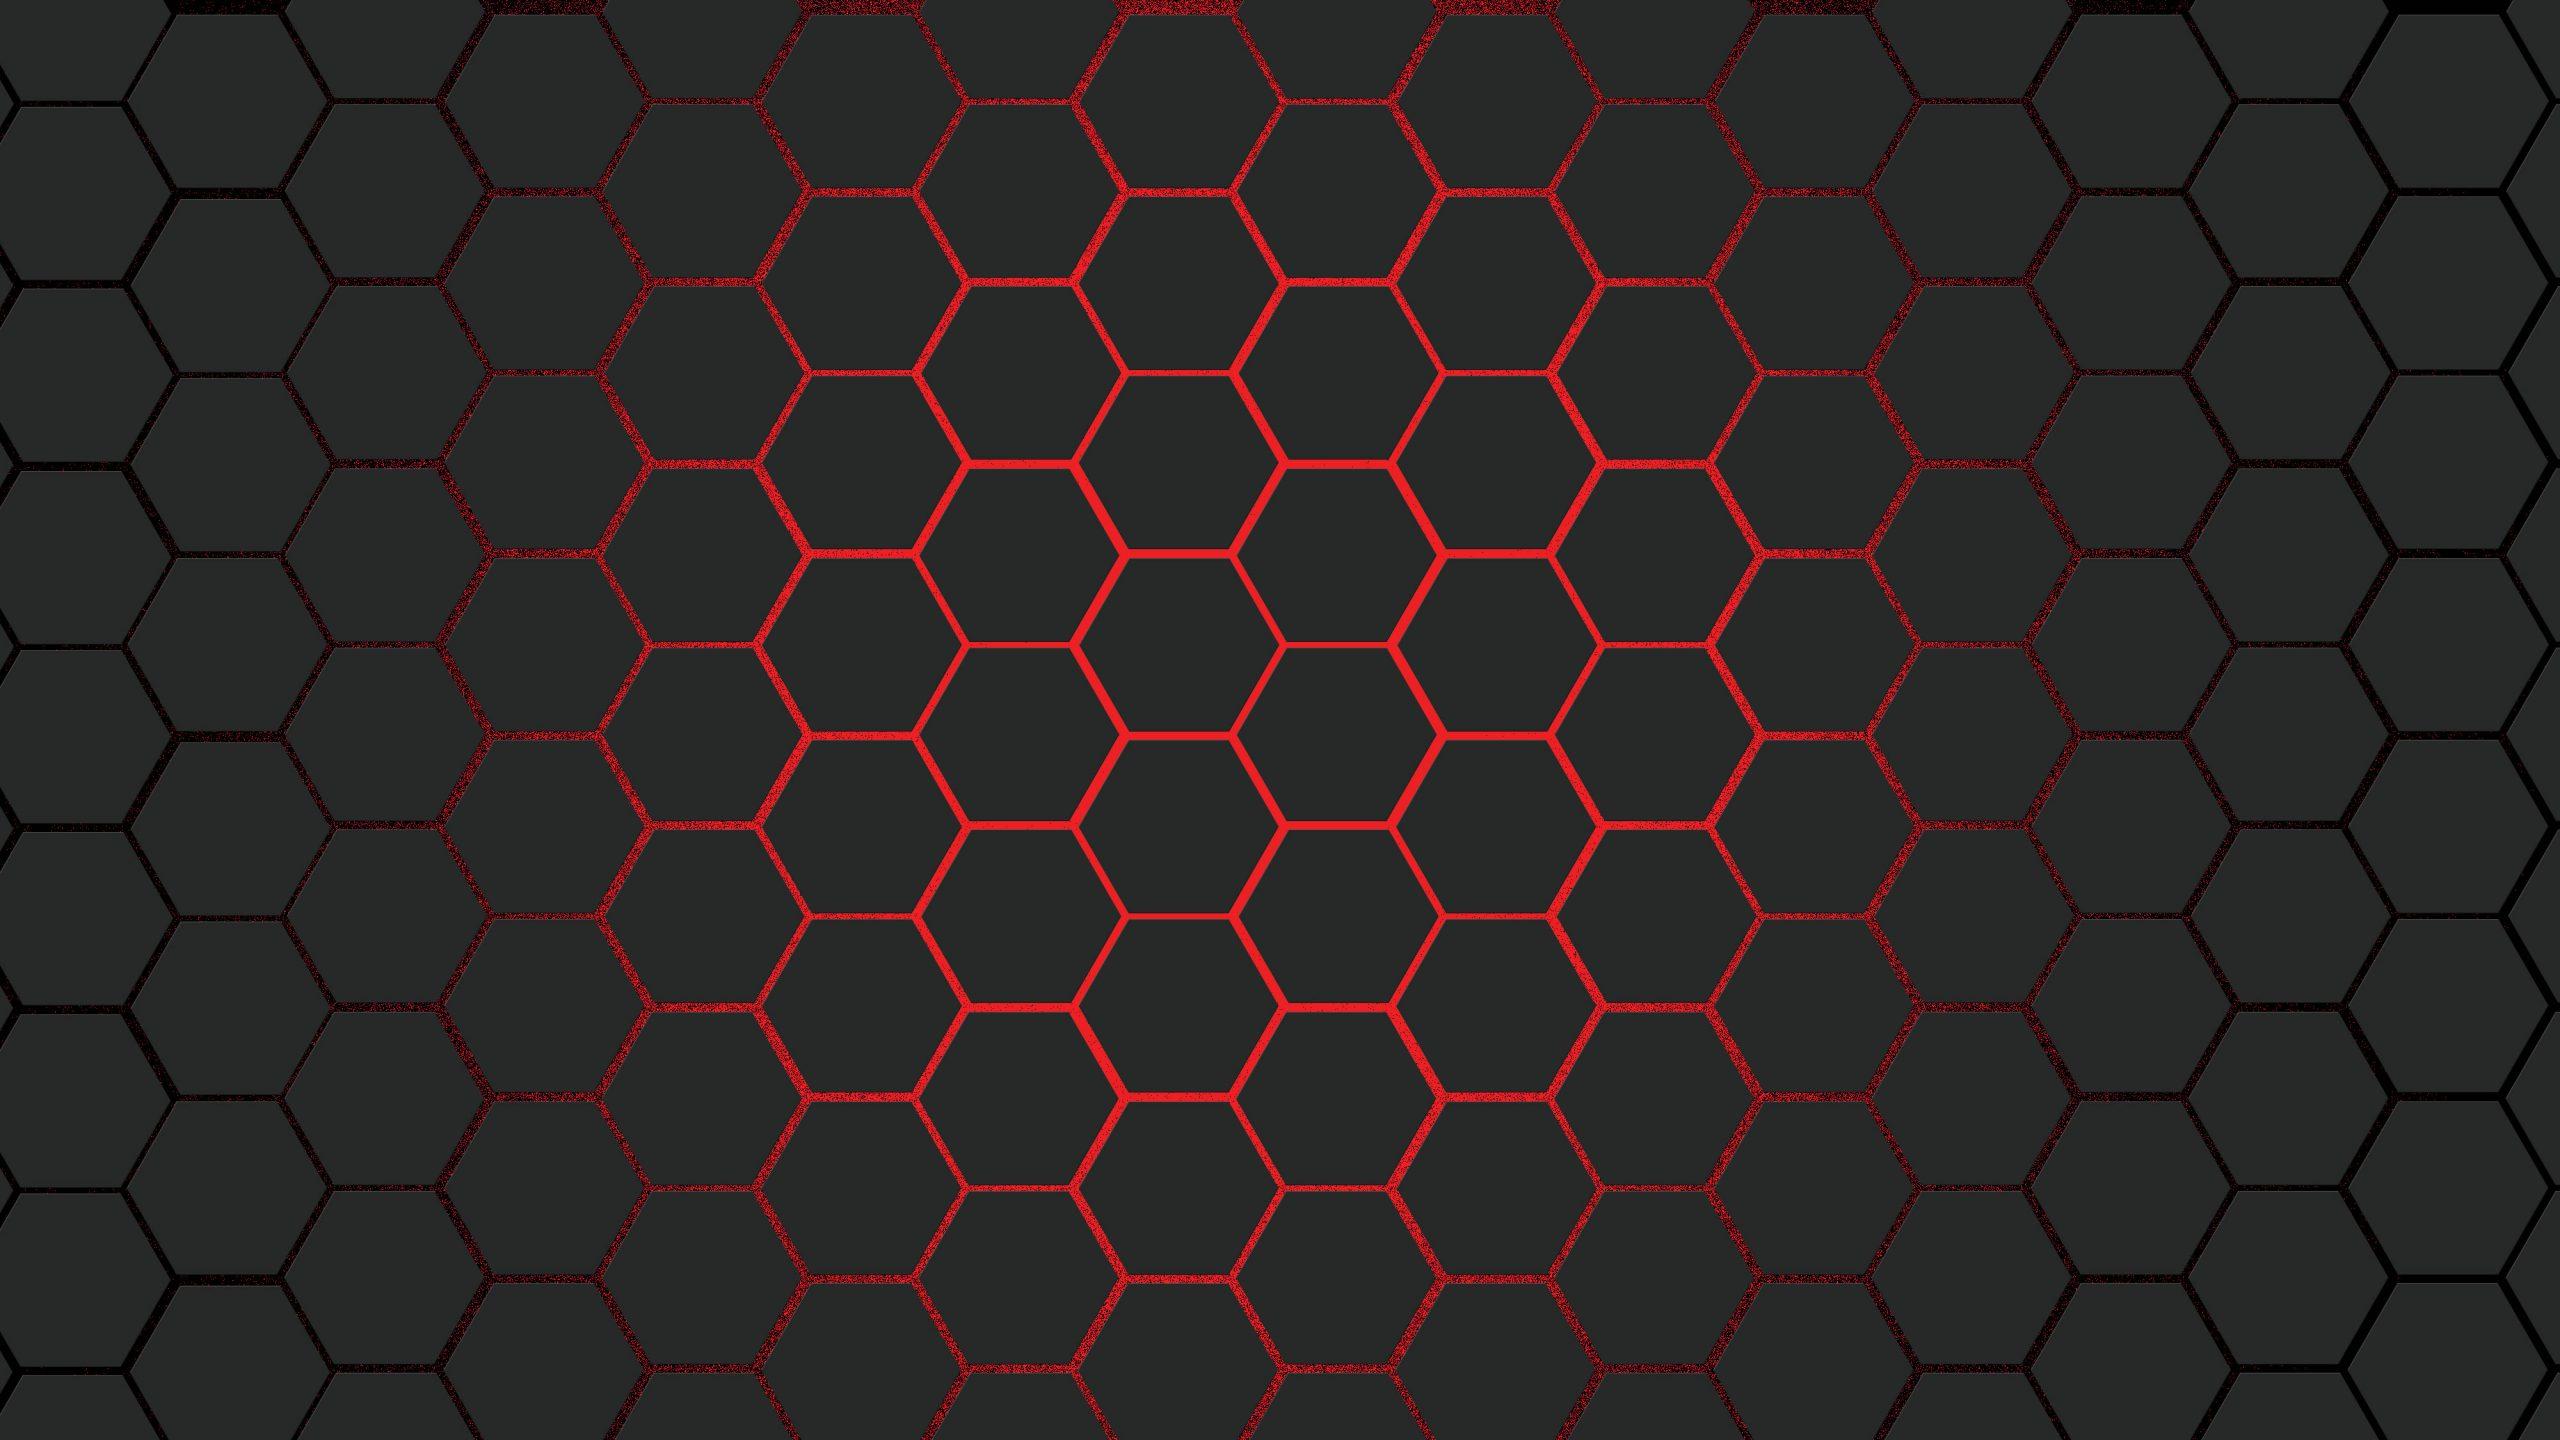 Abstract carbon fiber wallpaper